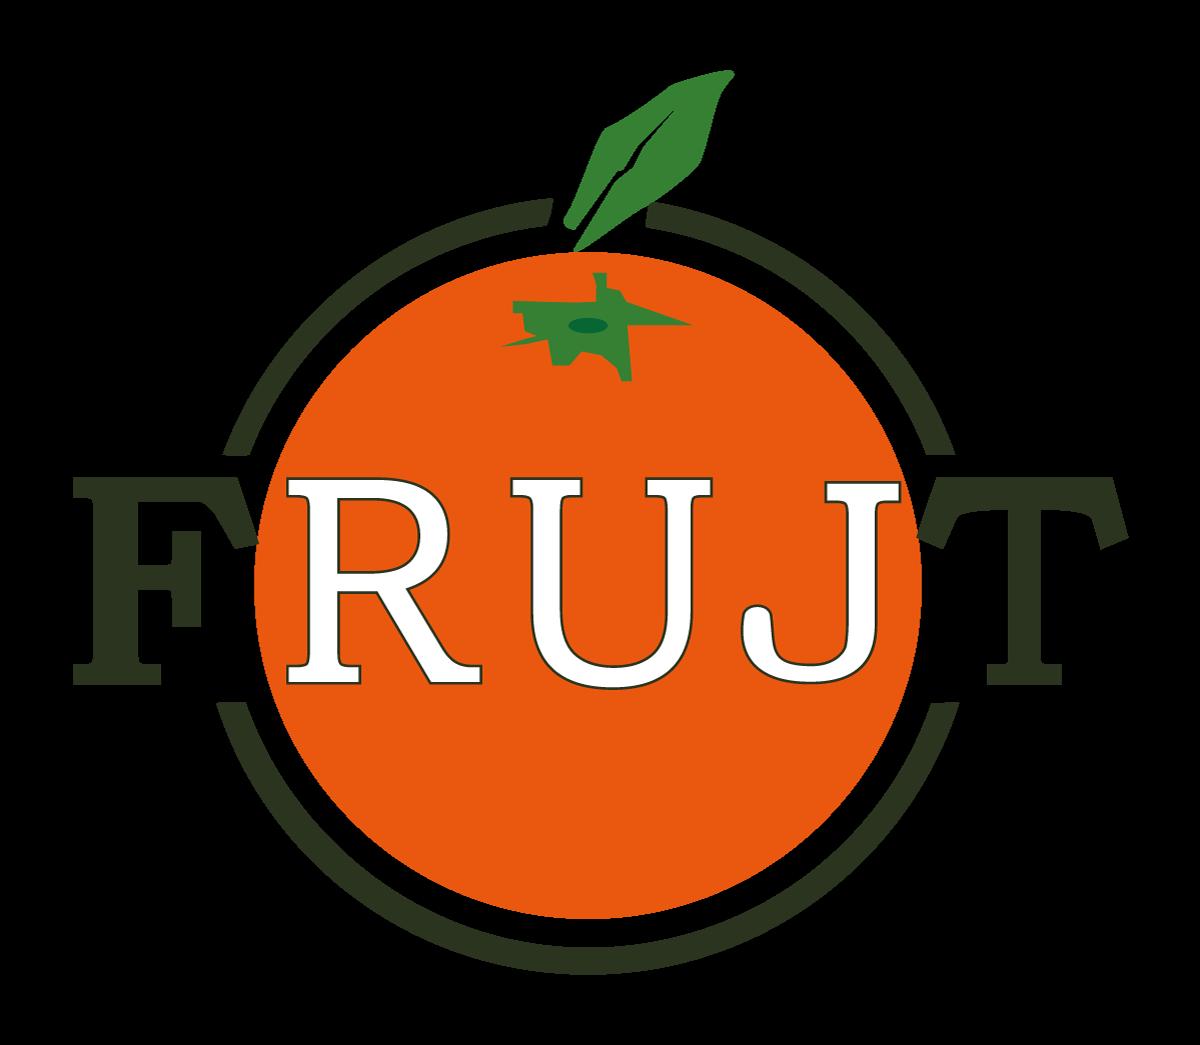 OP FRU.J.T.